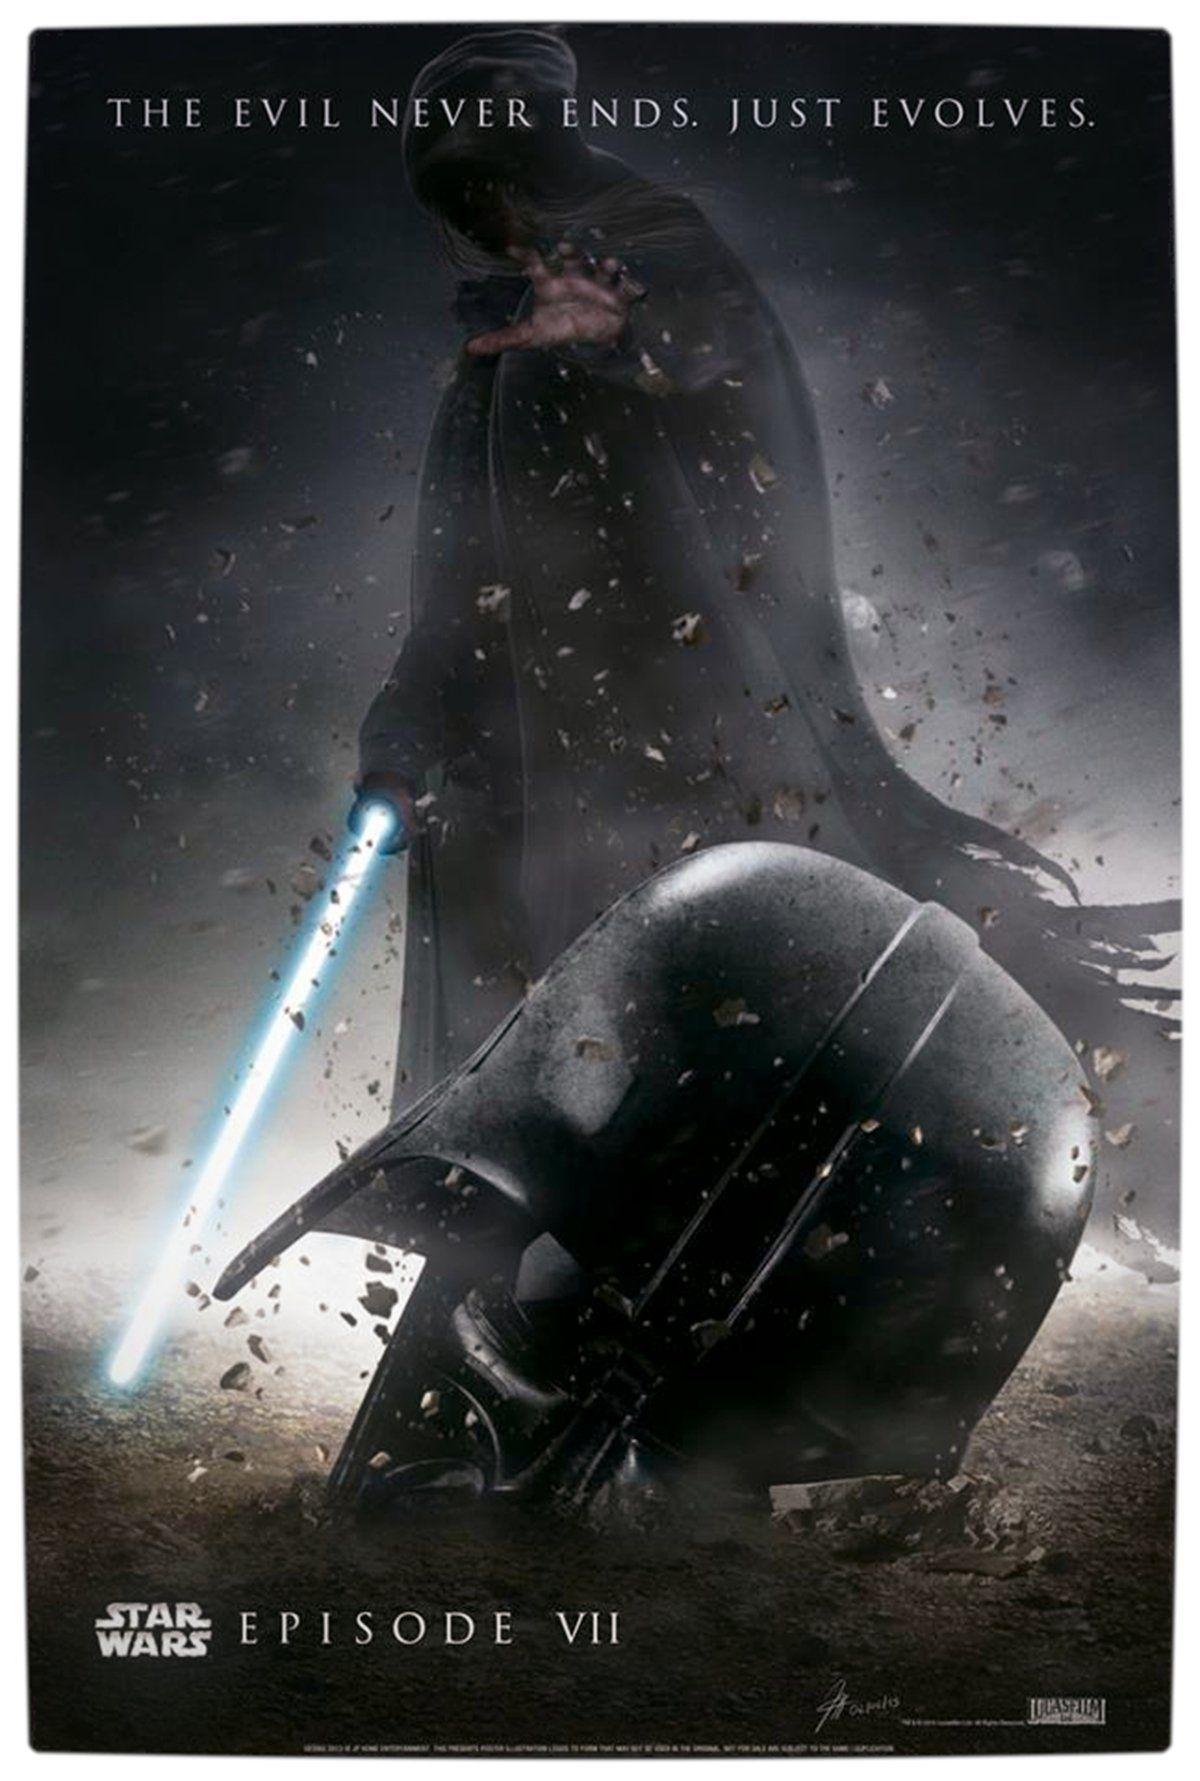 Star Wars Episode 7 Darth Vader Poster Fan Made